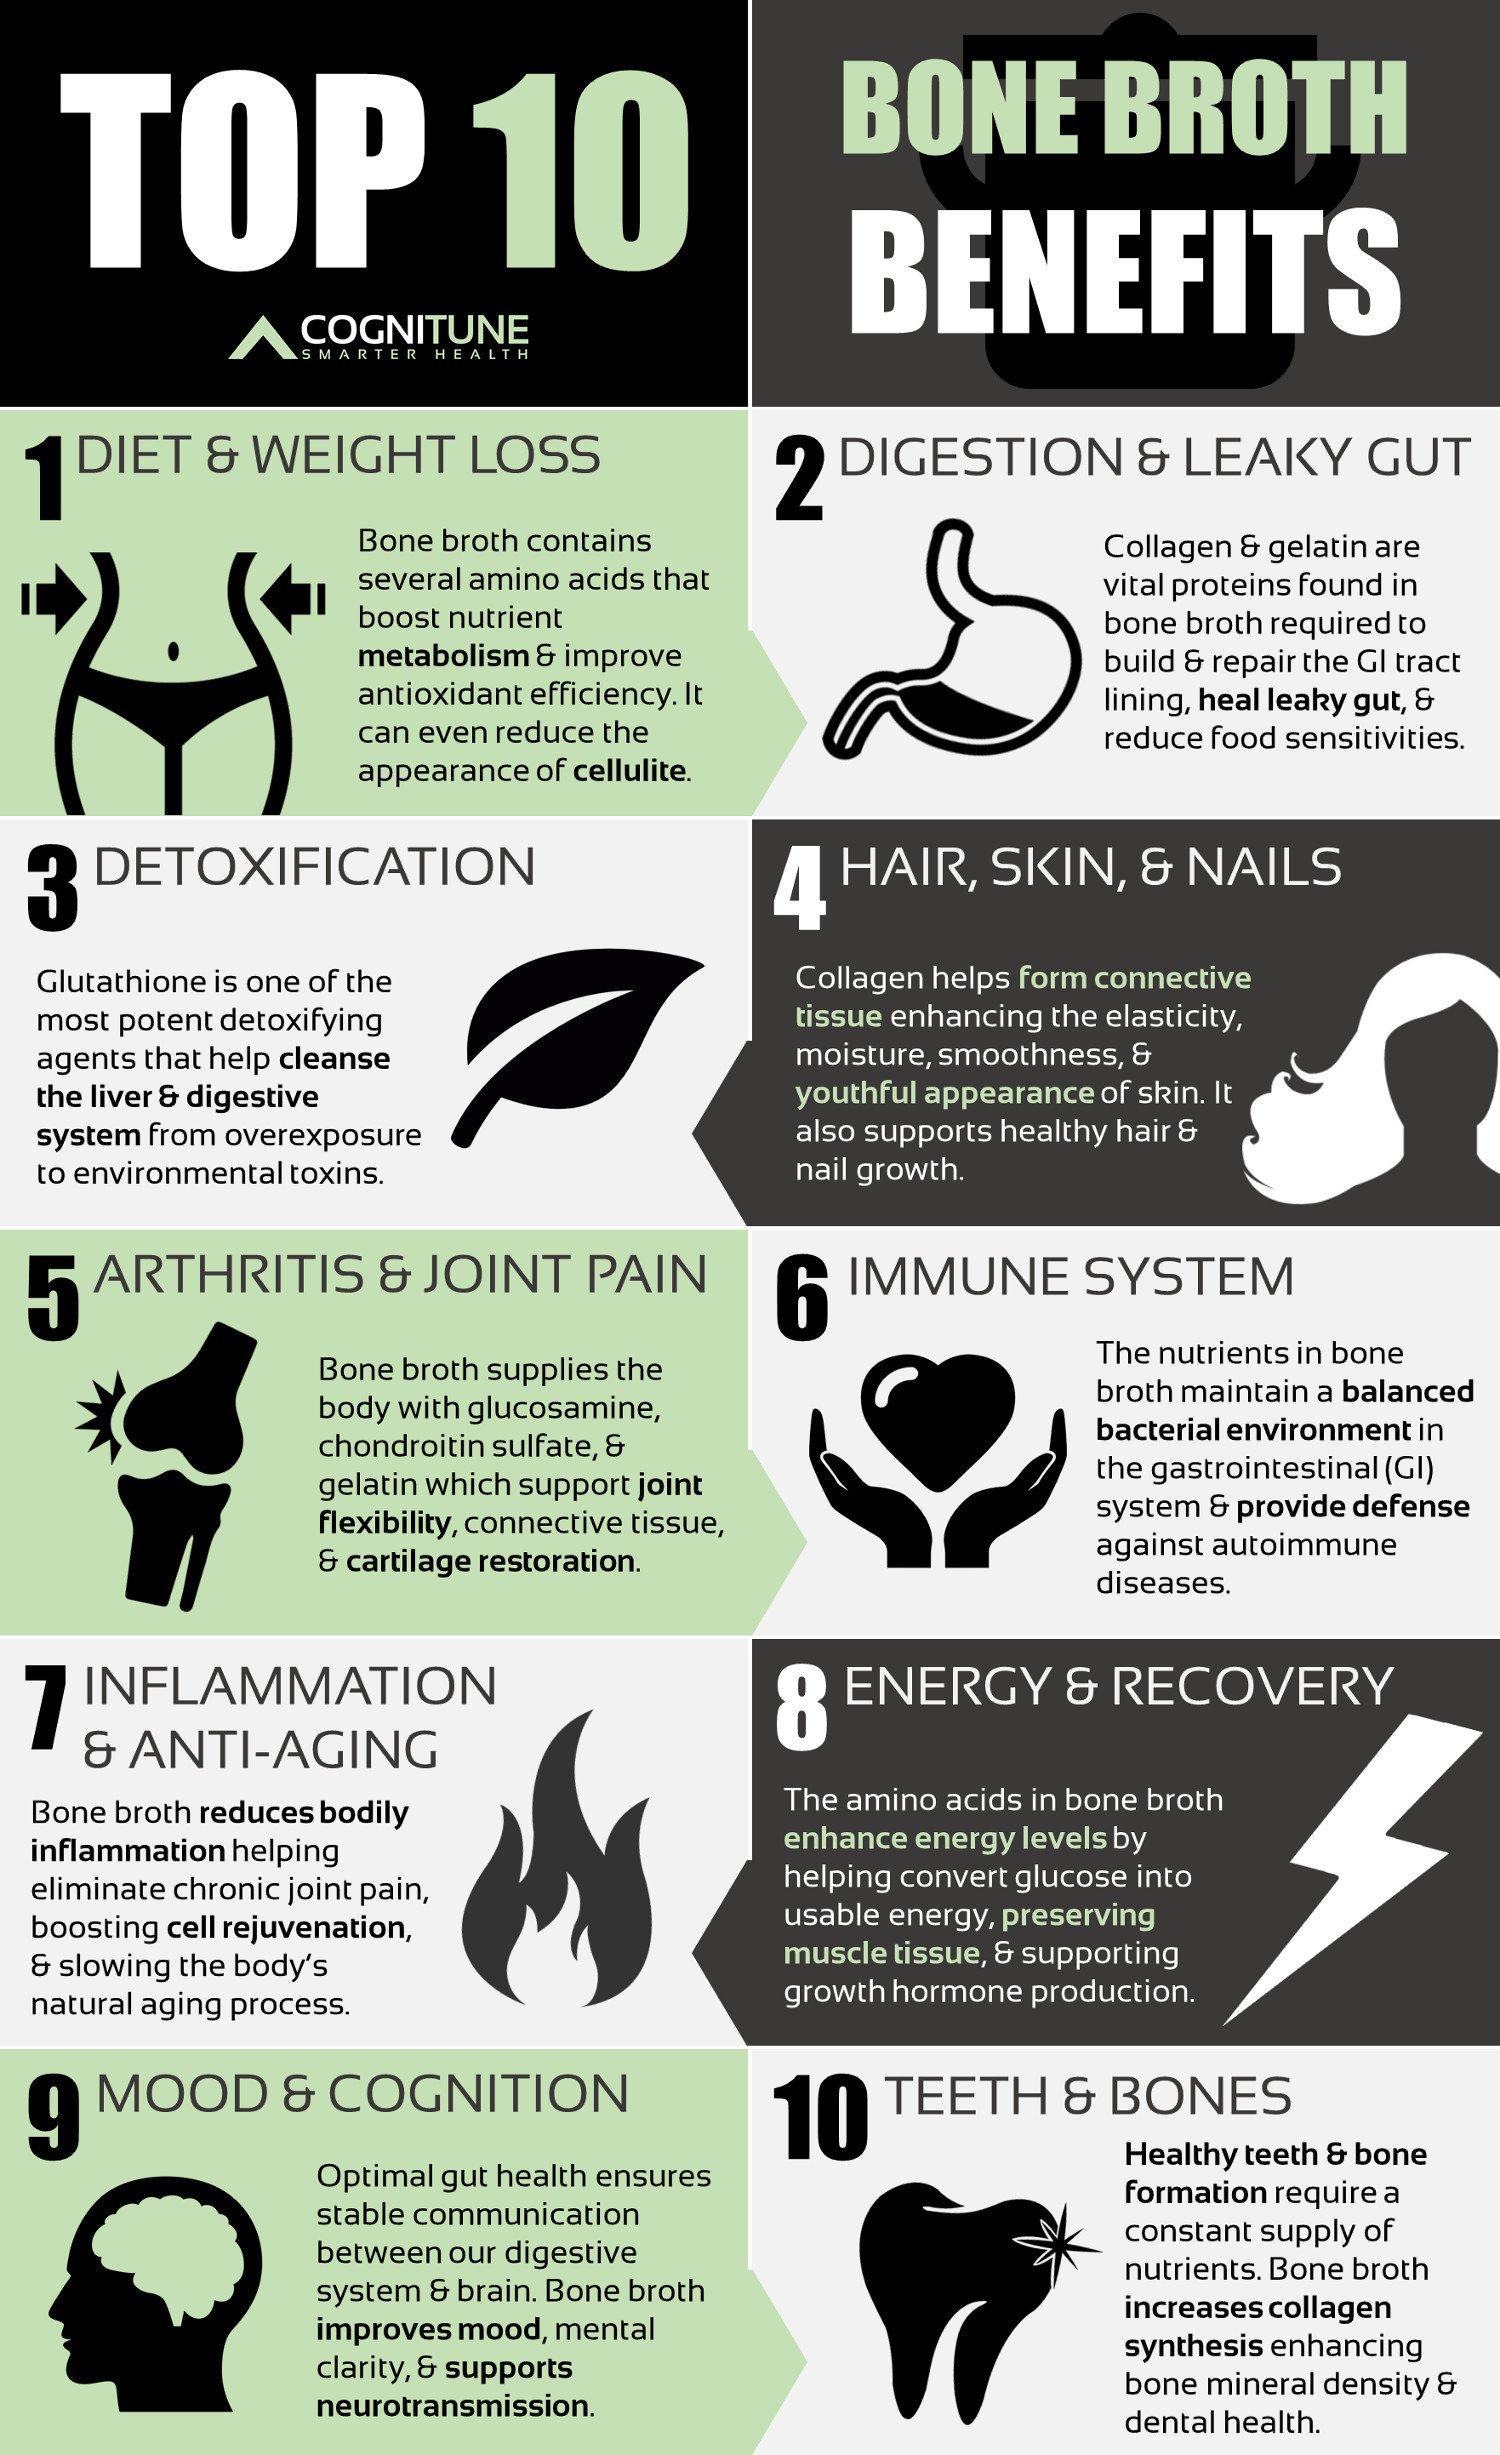 10 Health Benefits of Bone Broth Protein Powder Supplements